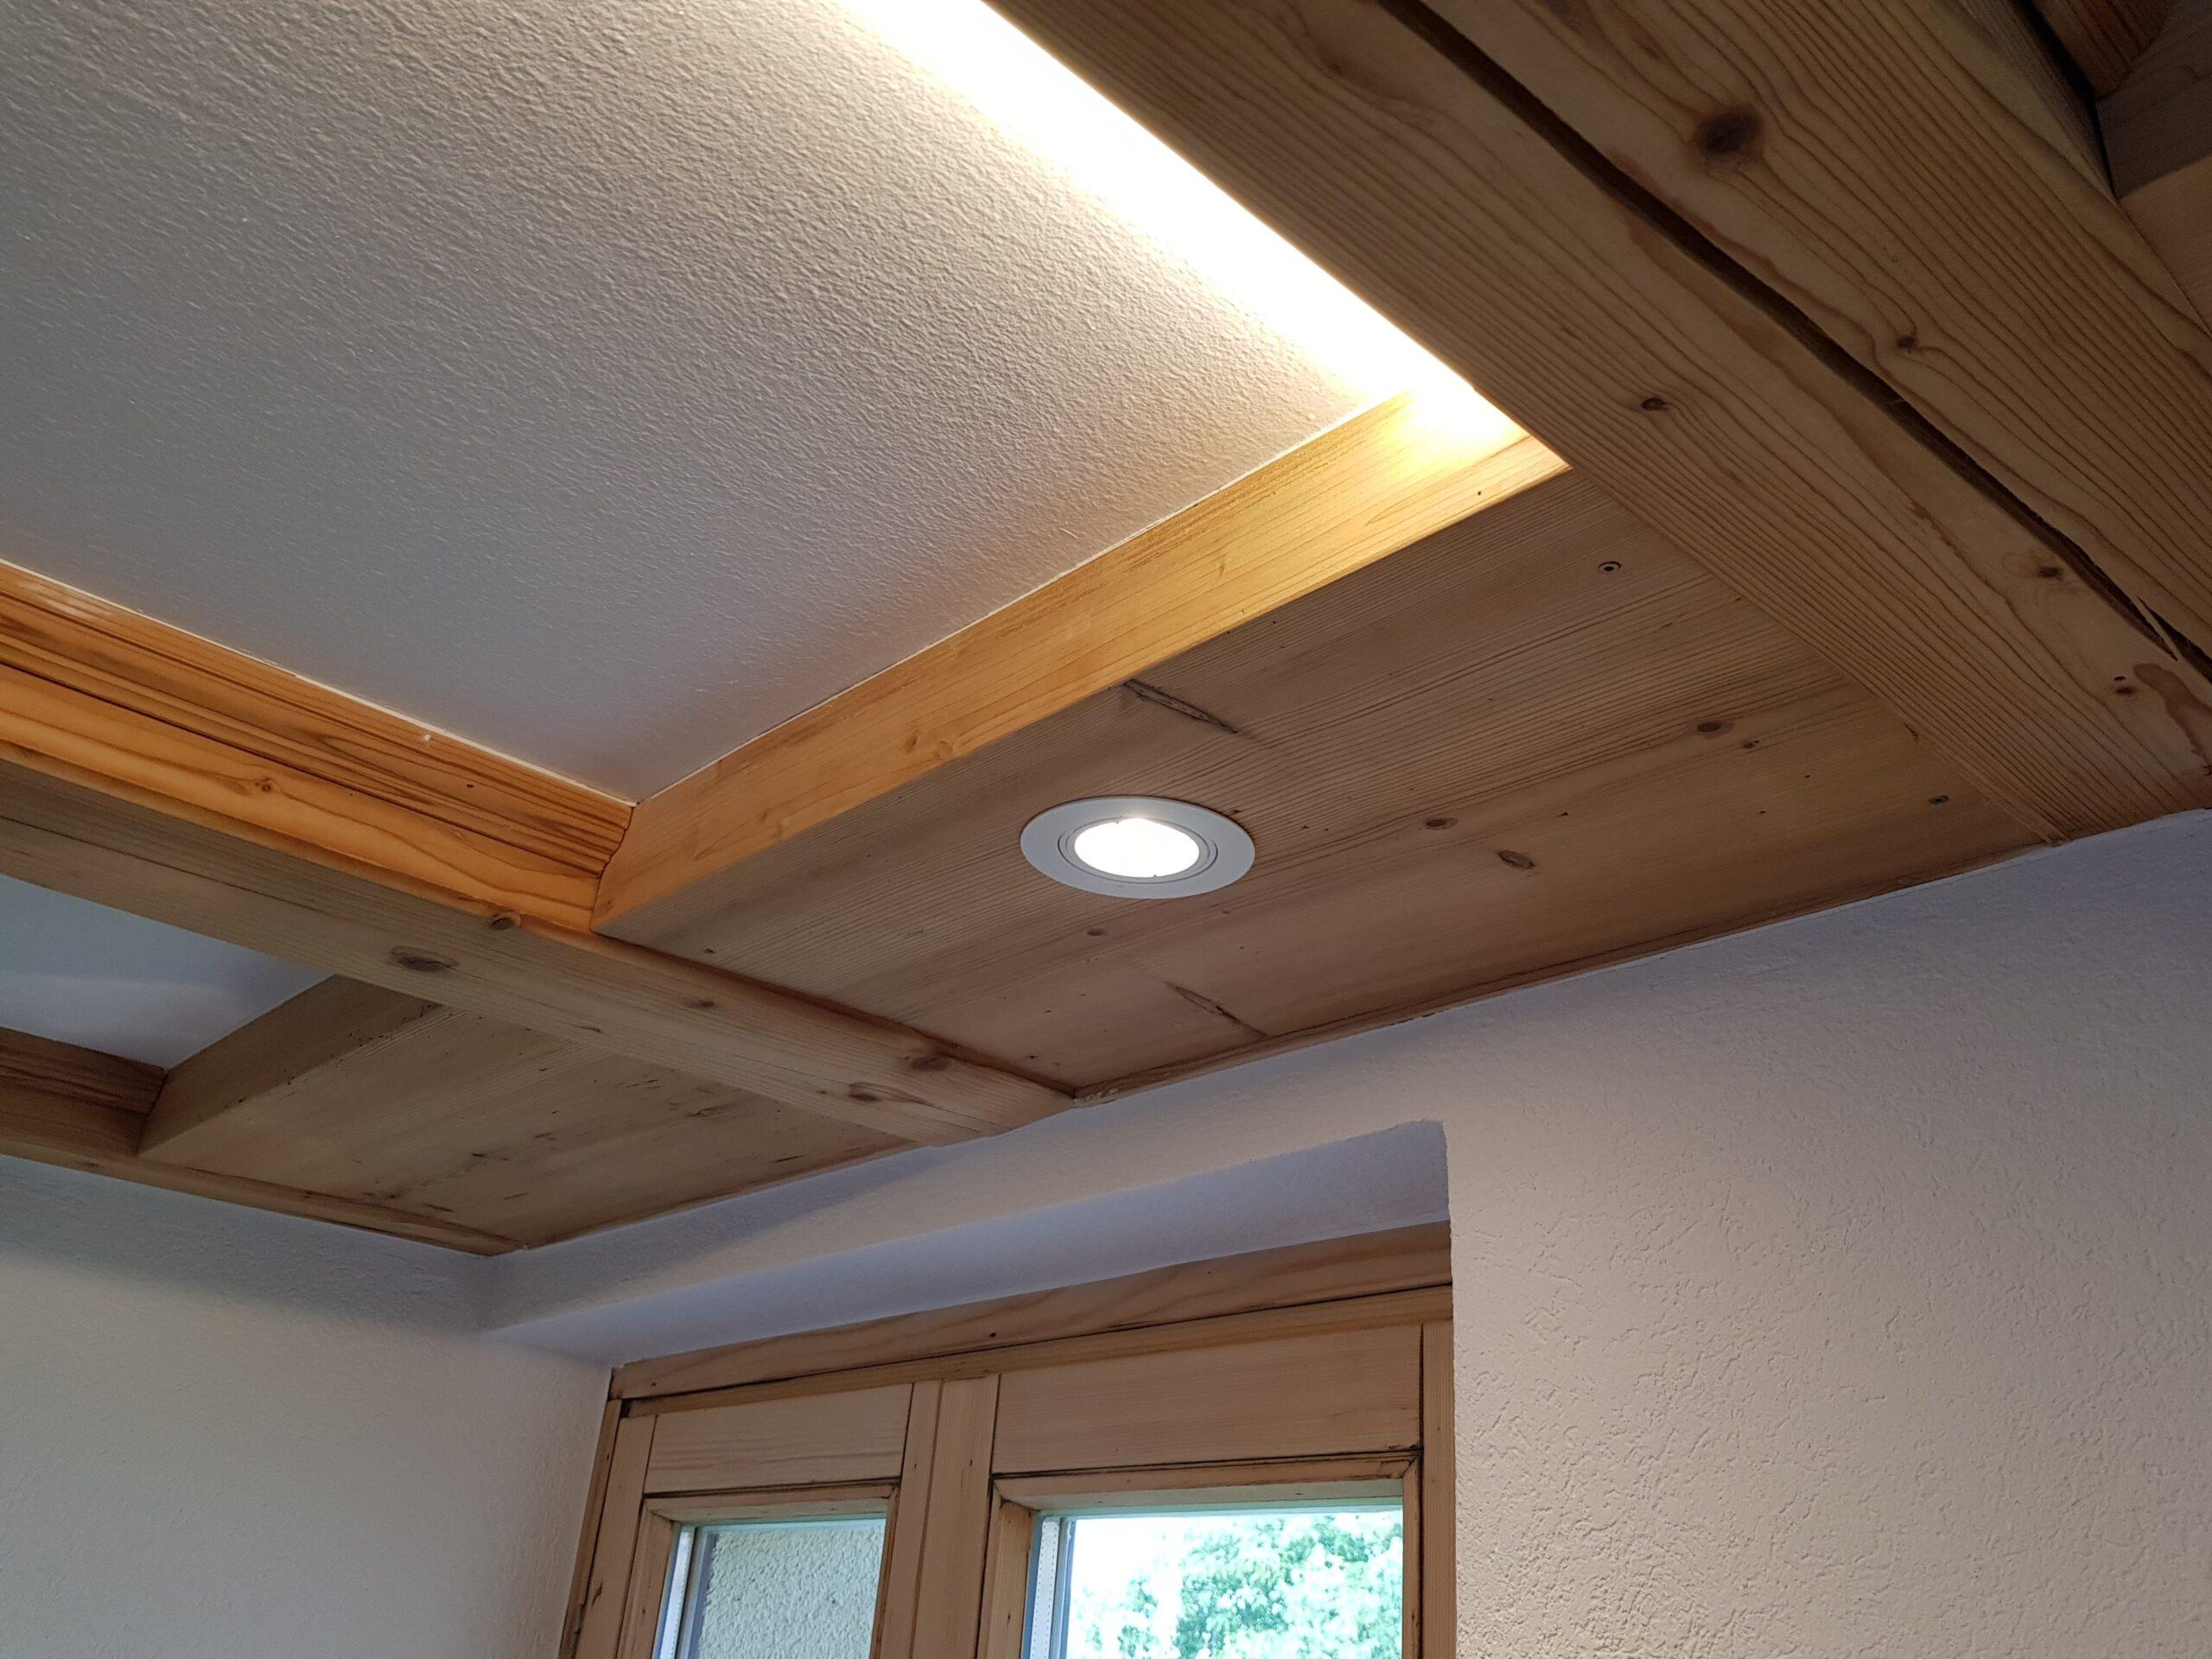 Wooddesign_Holzleuchten_LED-Beleuchtung_Licht_Indirekte Beleuchtung_Direkte Beleuchtung_Holzdesign (26)-min